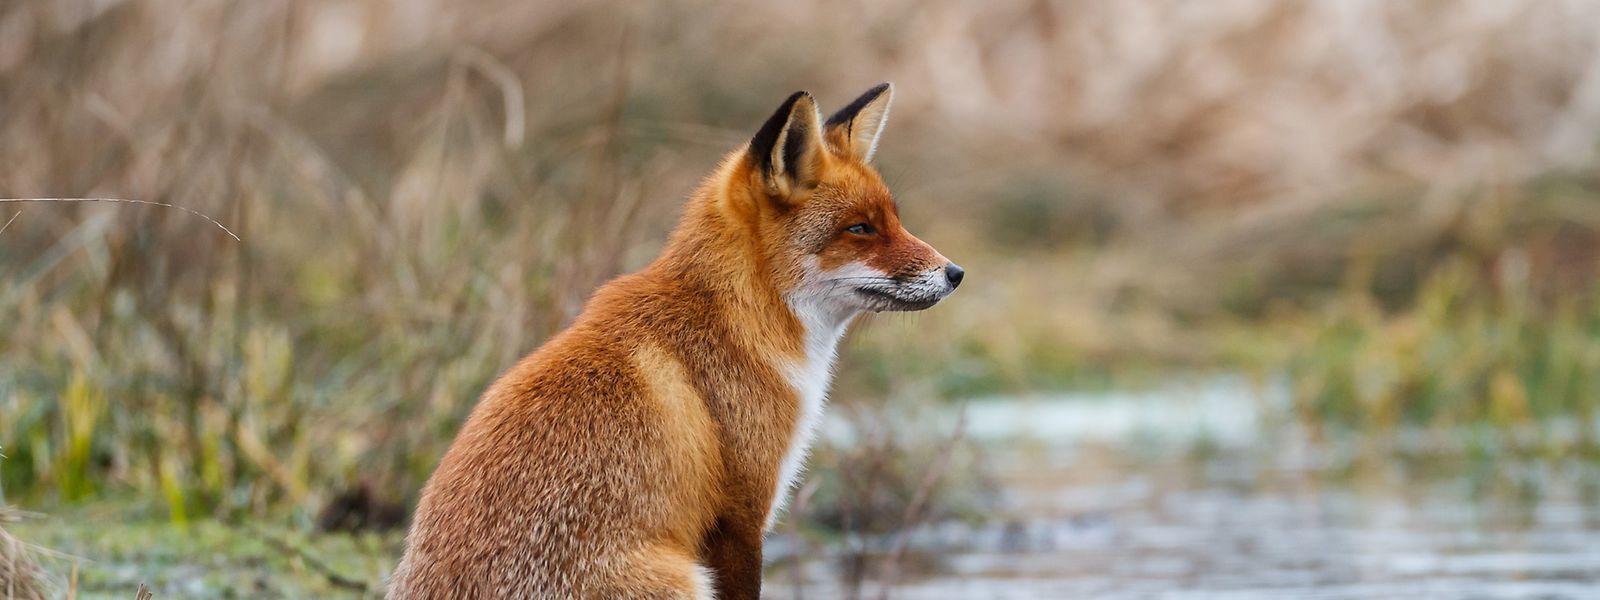 Laut Schätzungen des Jagdverbandes leben 5000 bis 10000 Füchse in Luxemburg.